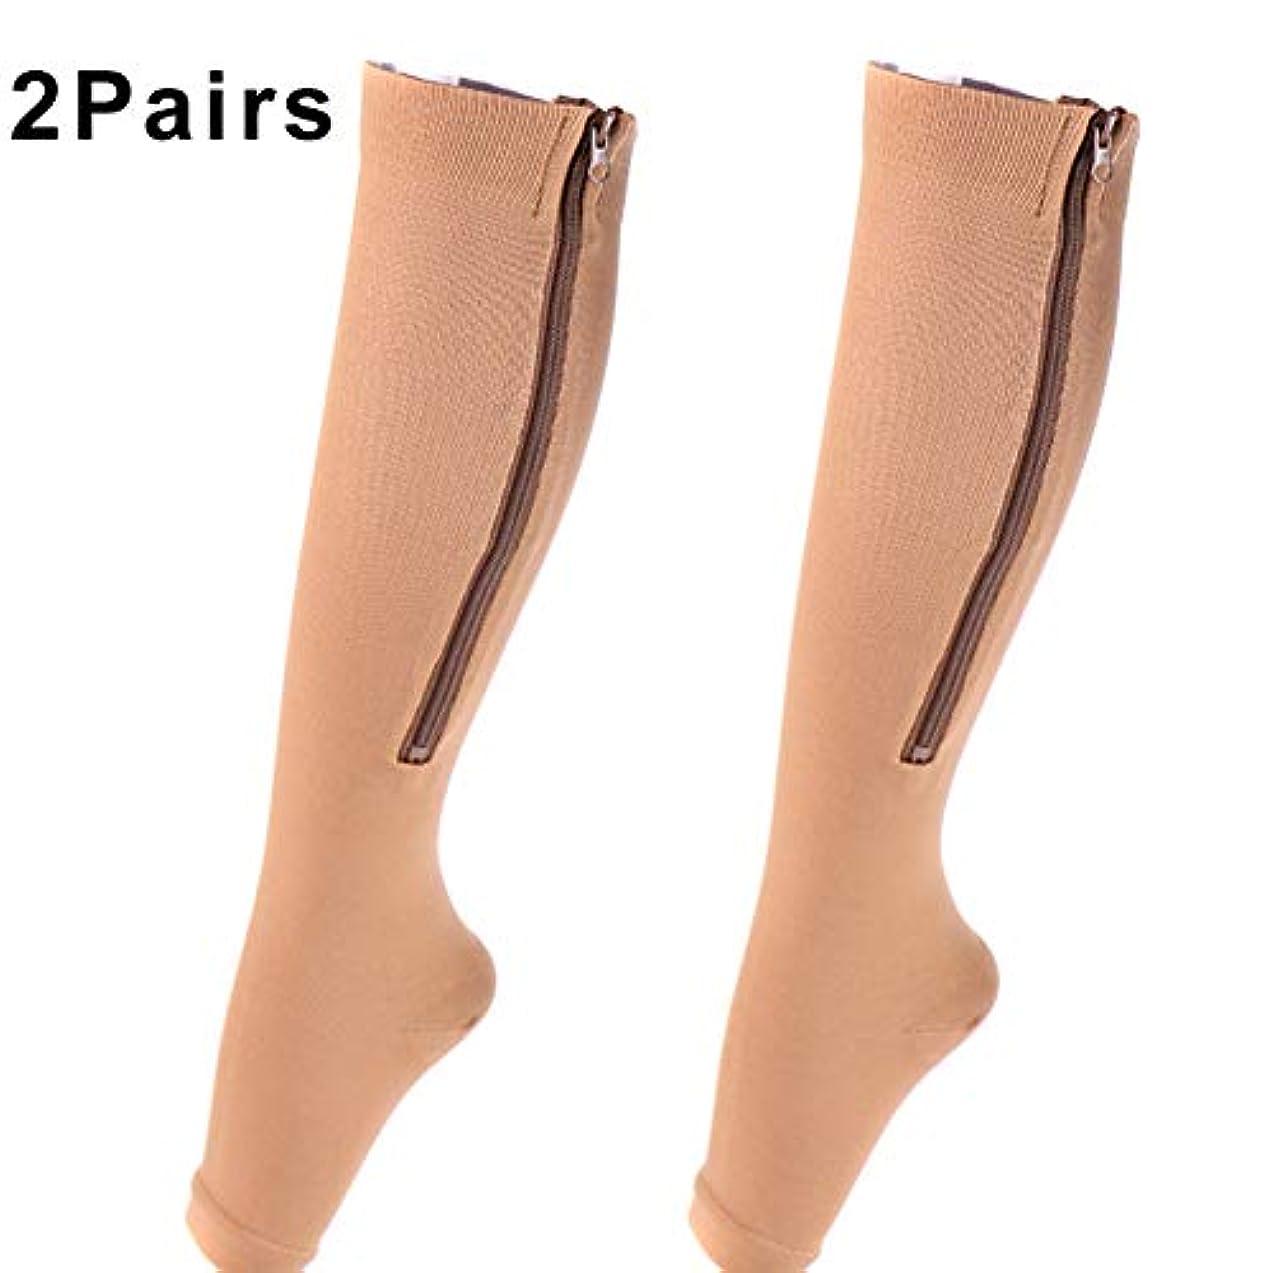 強制共和党粘性のAylincool 圧縮ジップソックス、靴下、足の疲れを減らす、2対圧縮ジップソックス伸縮性のある足のサポートユニセックスオープントゥニーストッキング